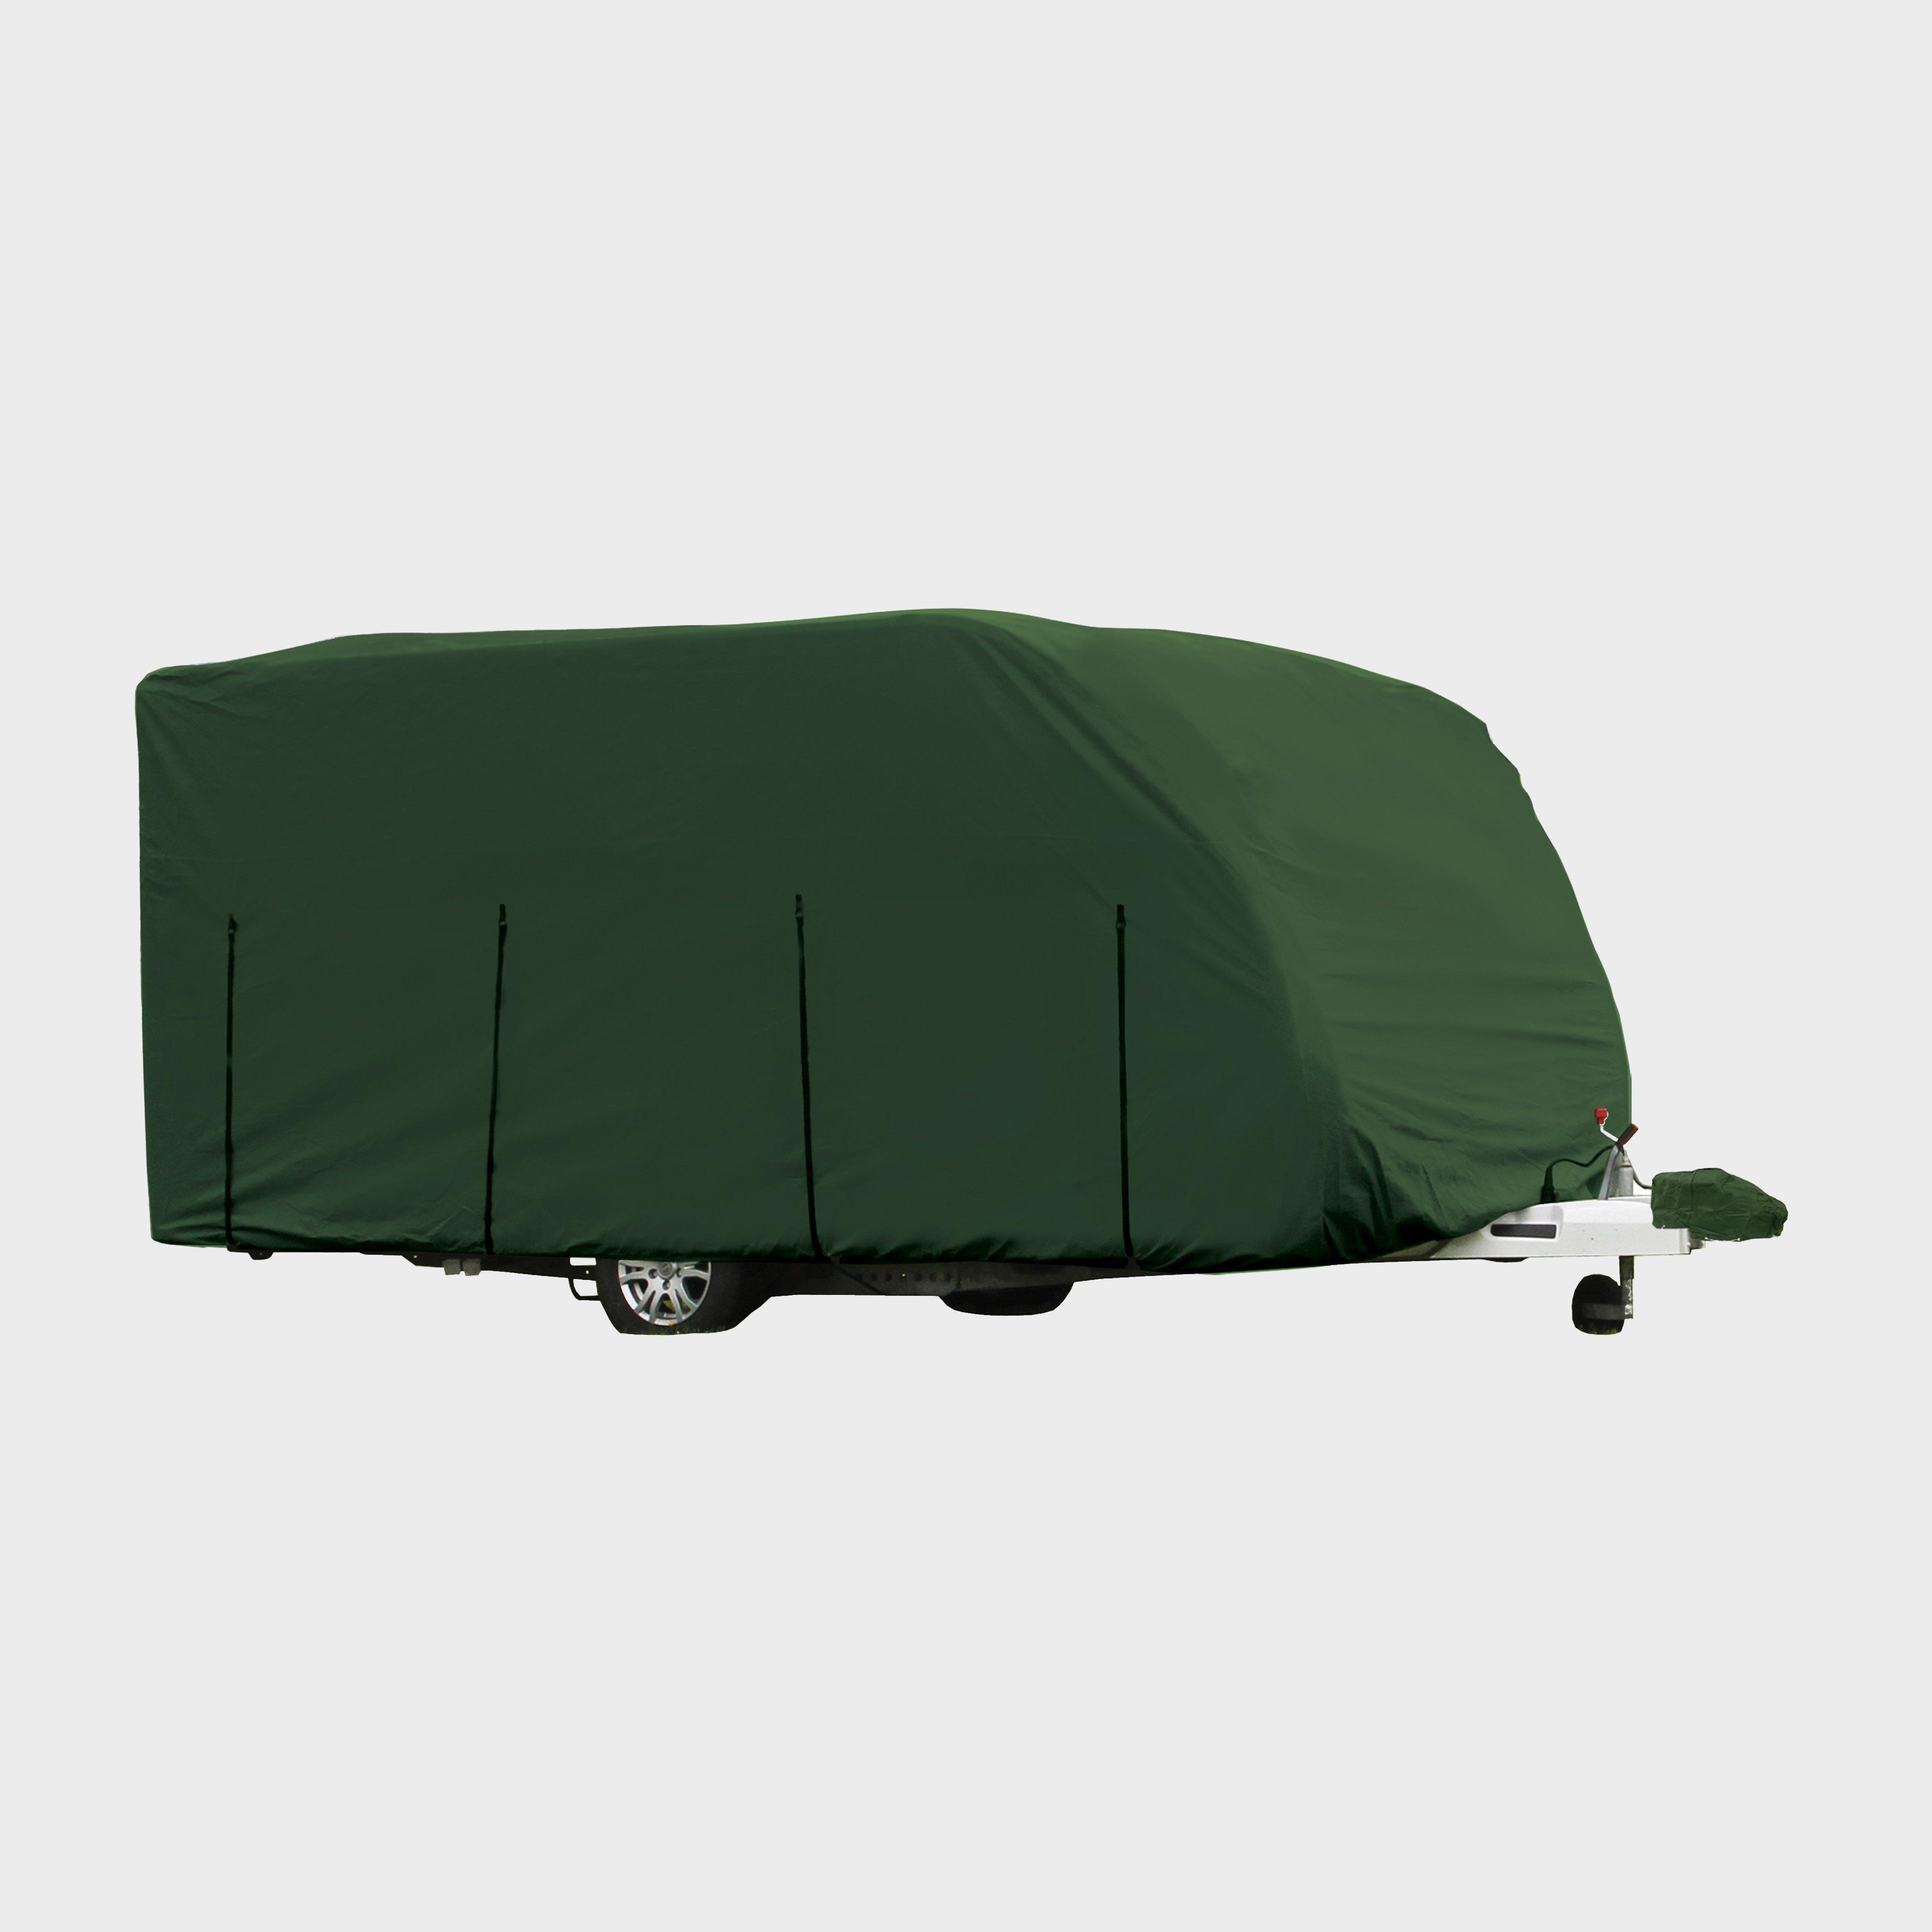 Quest Caravan Cover Pro Medium (420-510Cm) - Green/Grn, Green